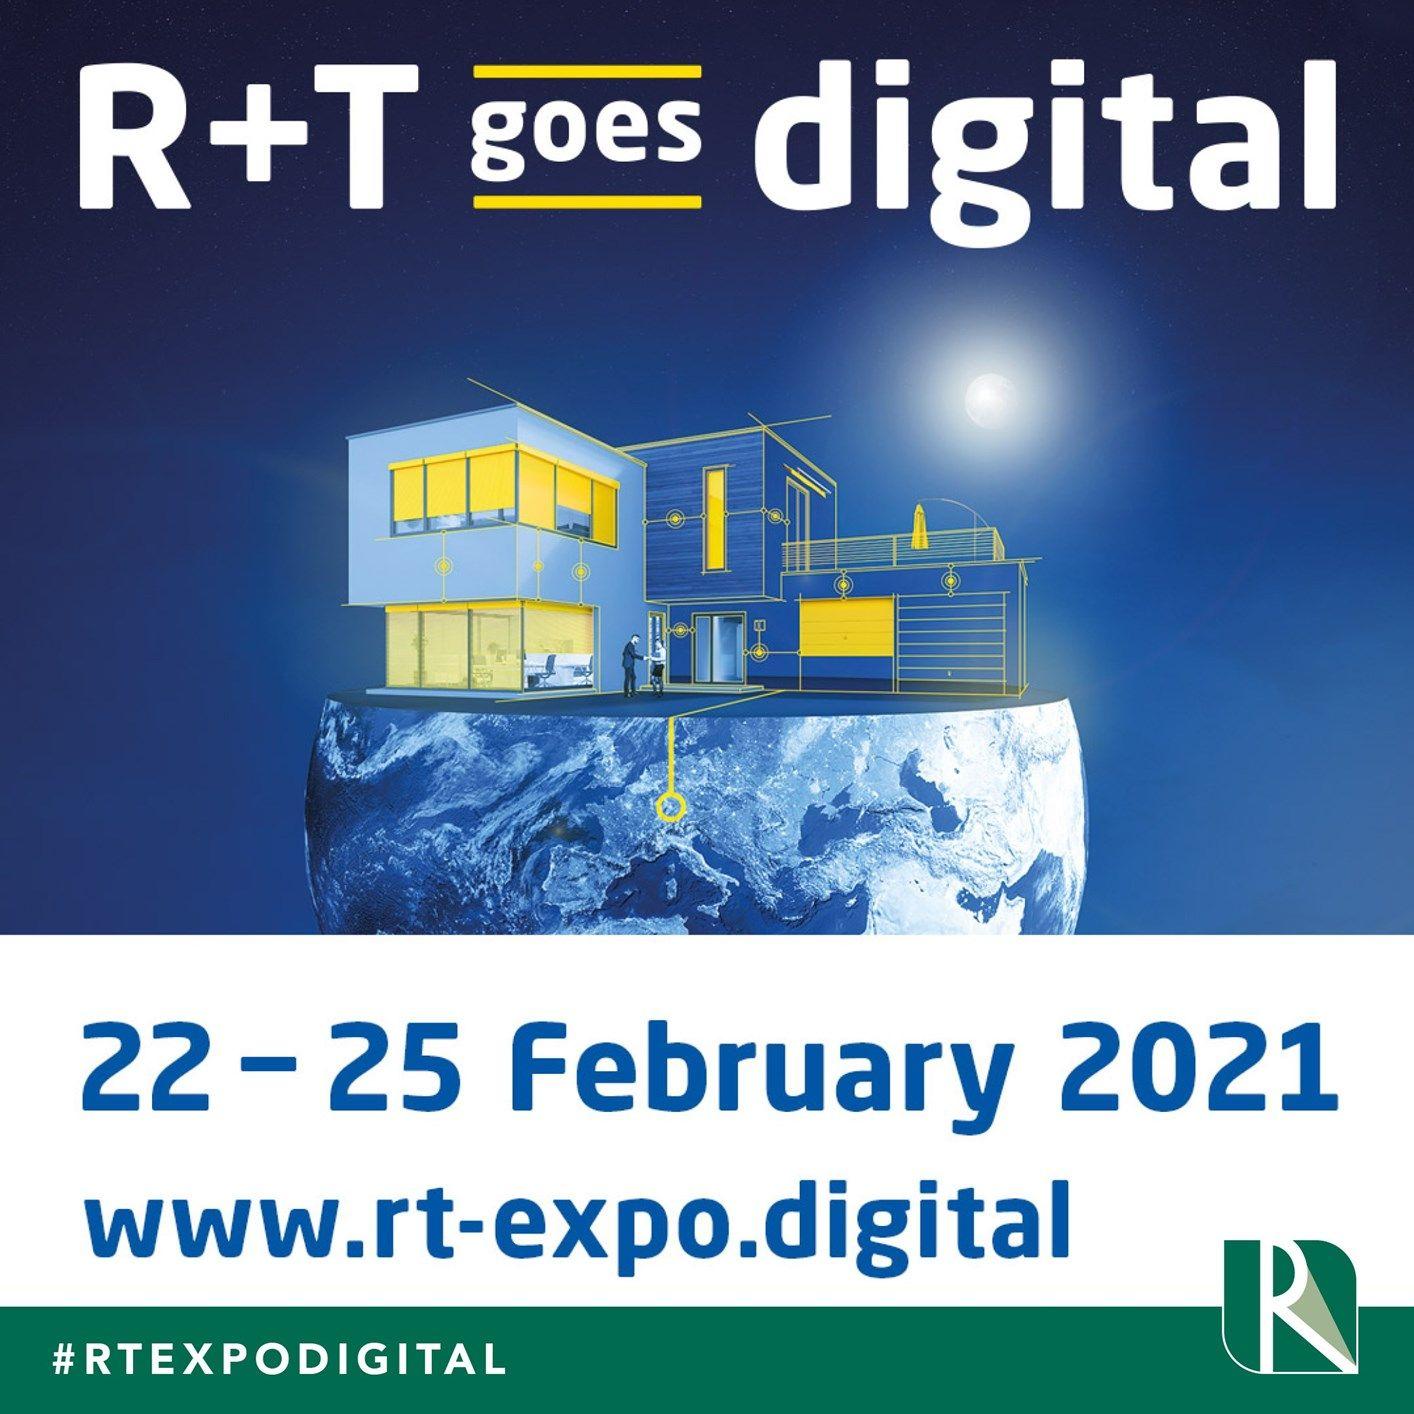 R+T goes digital. So does Resstende